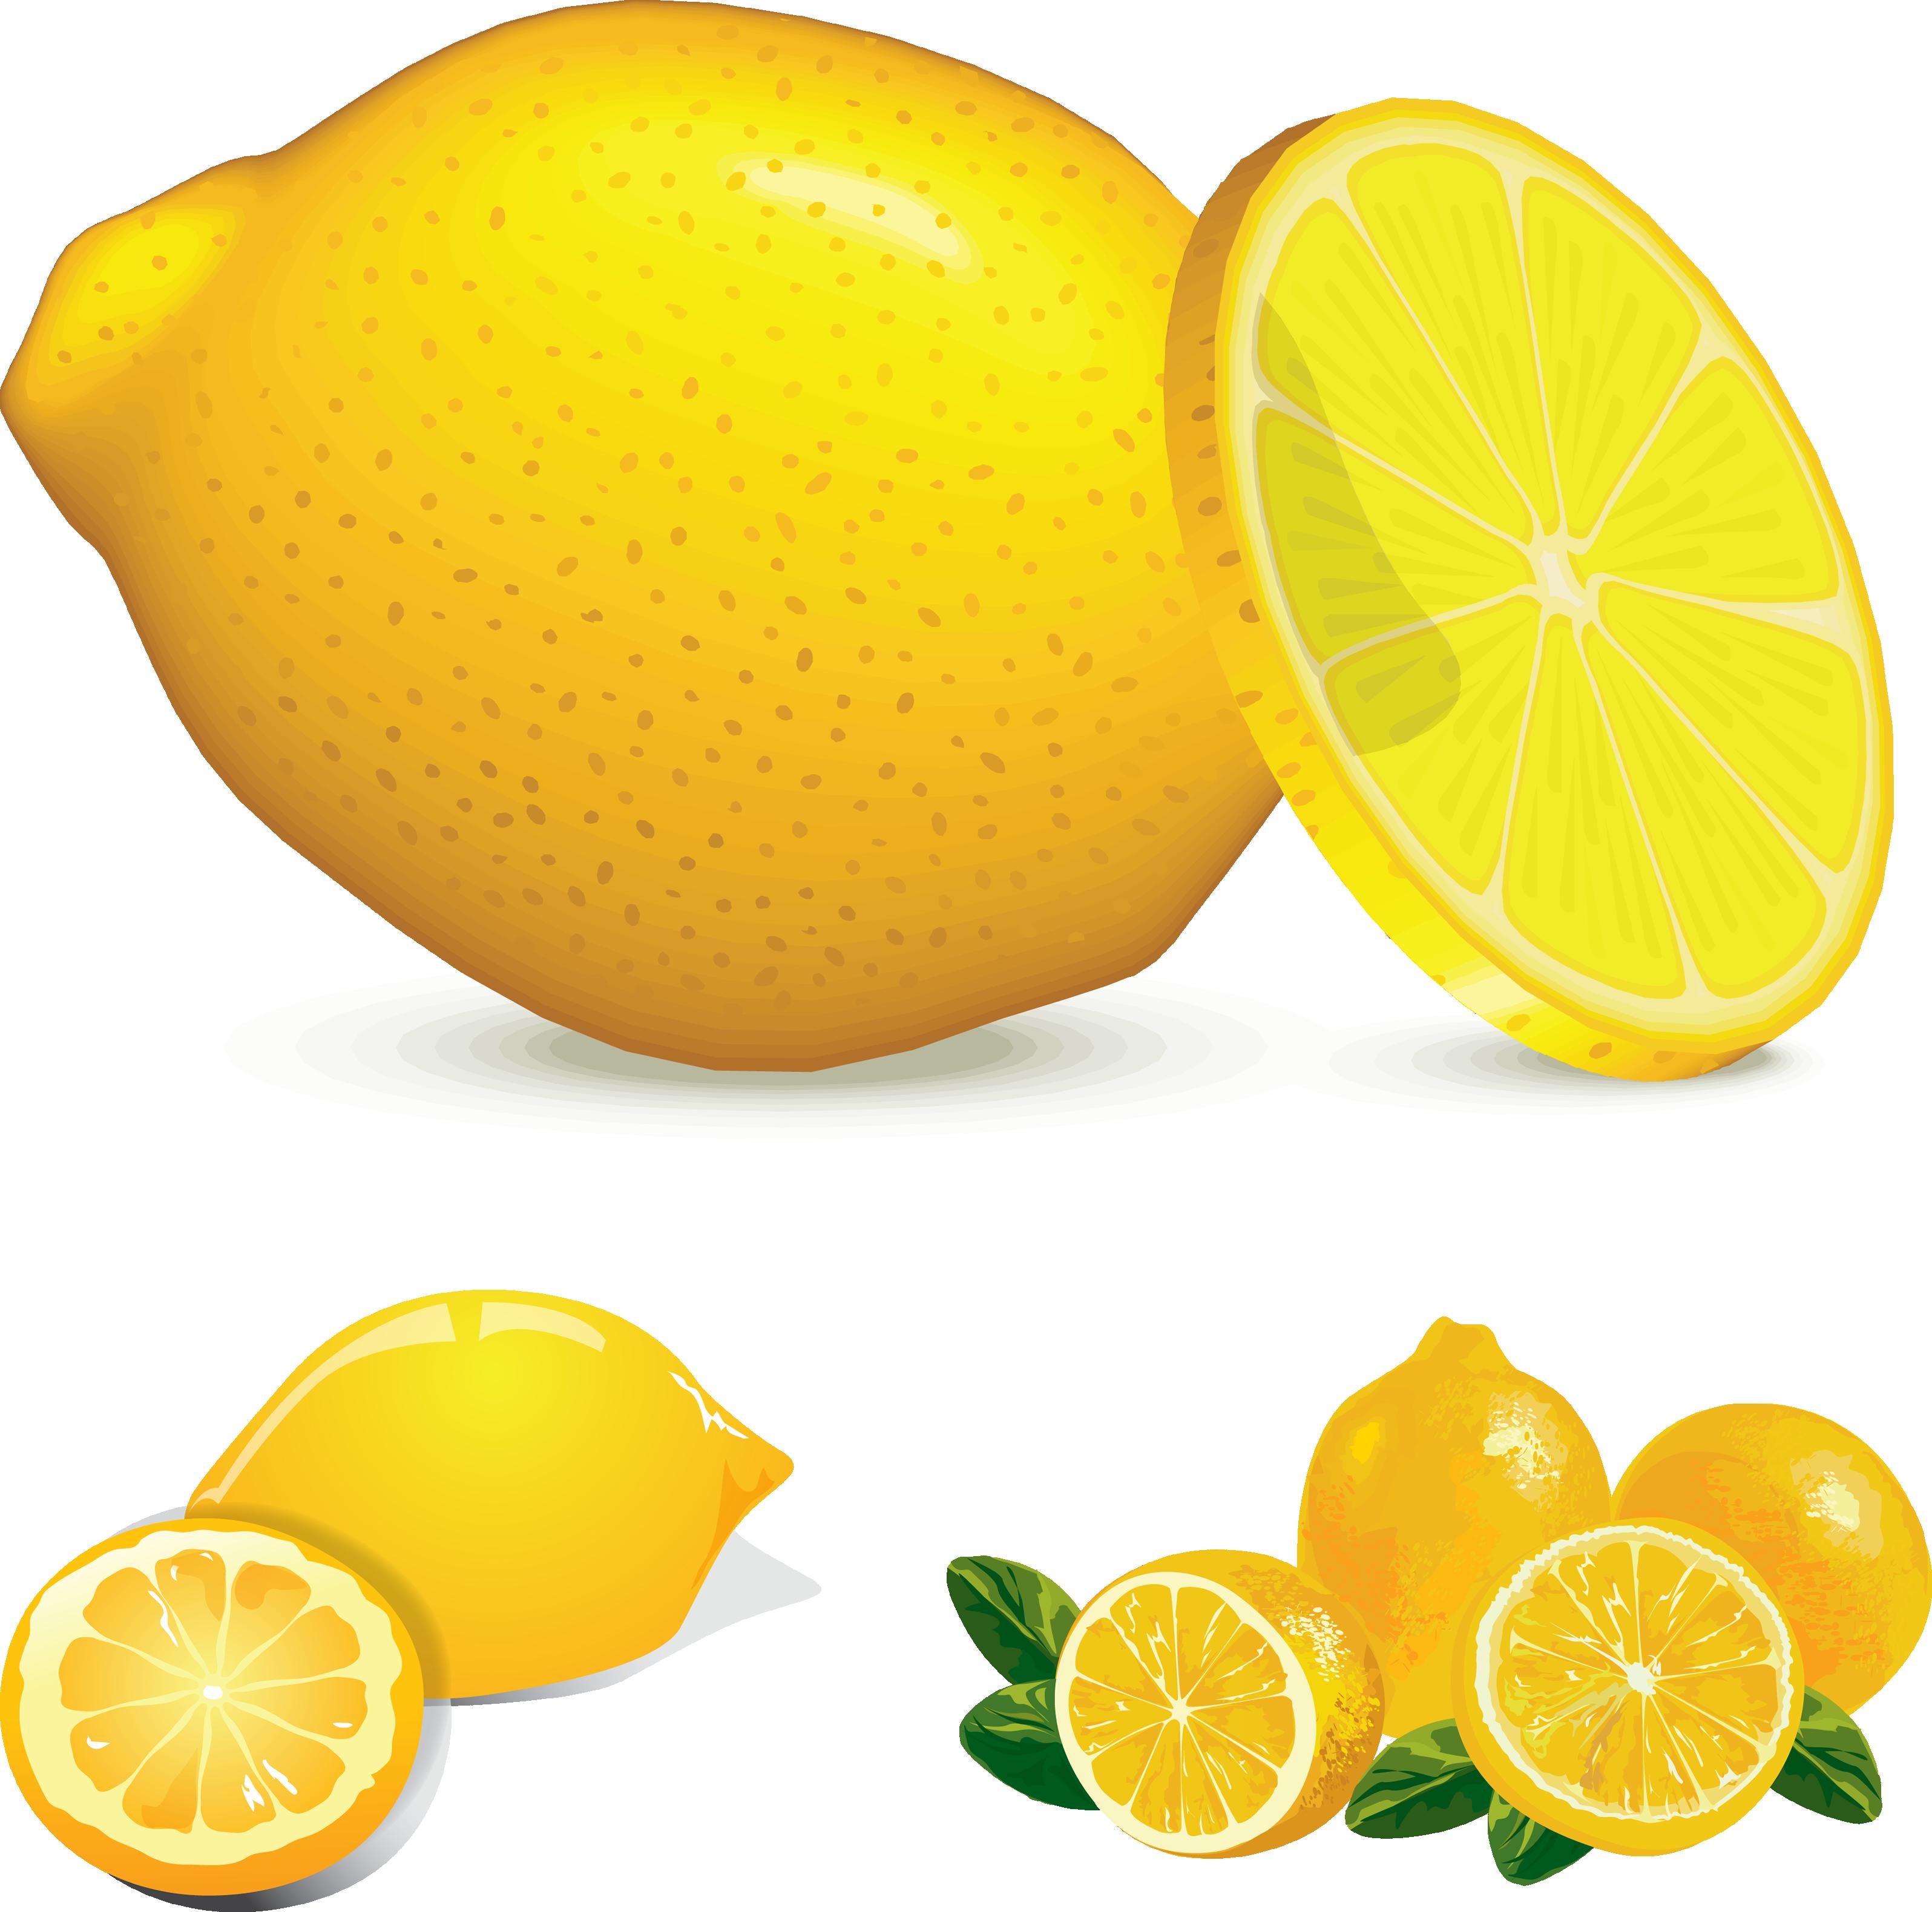 Lemon ten isolated stock. Lemons clipart smile